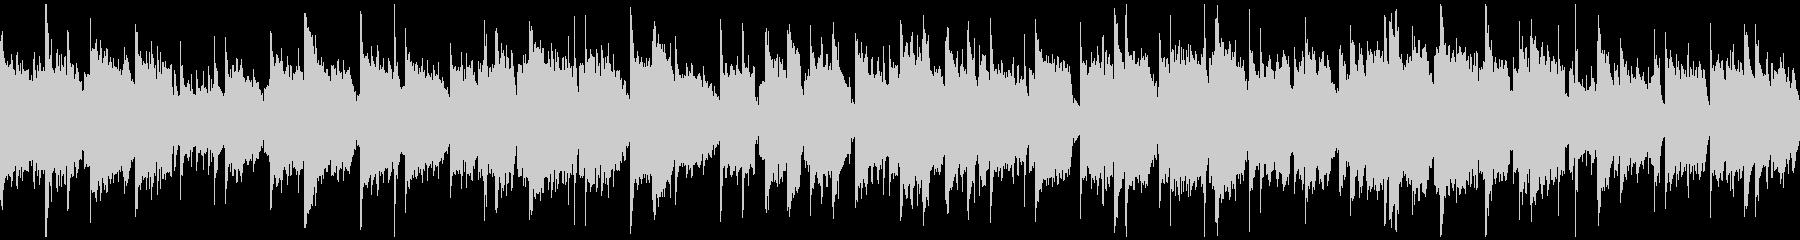 ノスタルジックな笛の癒し系の曲※ループ版の未再生の波形